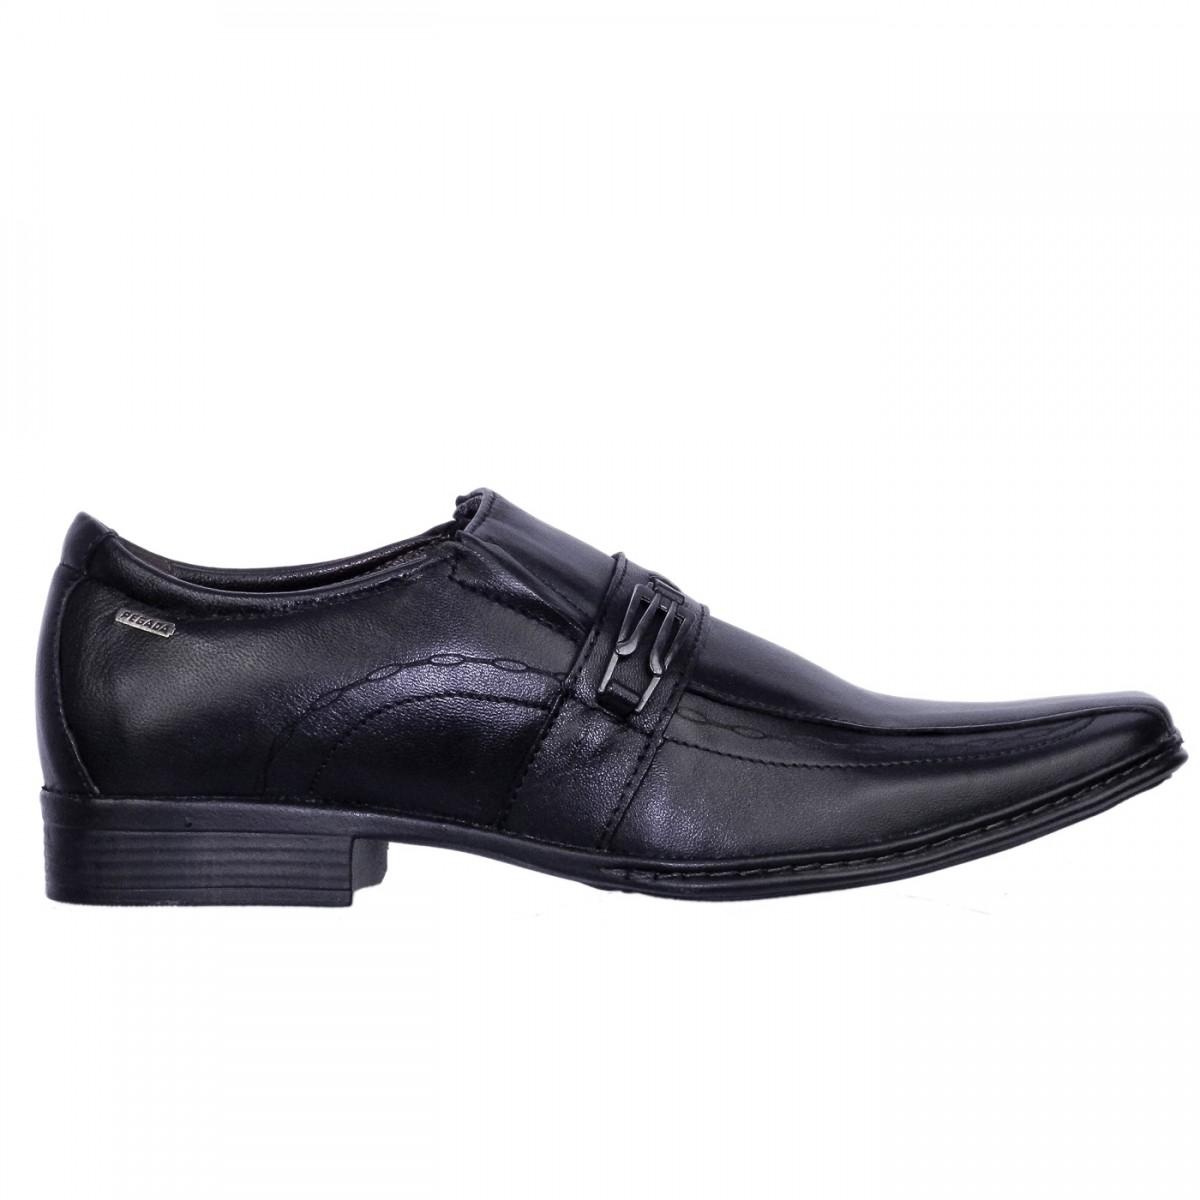 500160960ee Bizz Store - Sapato Social Masculino Pegada Couro Preto Brown